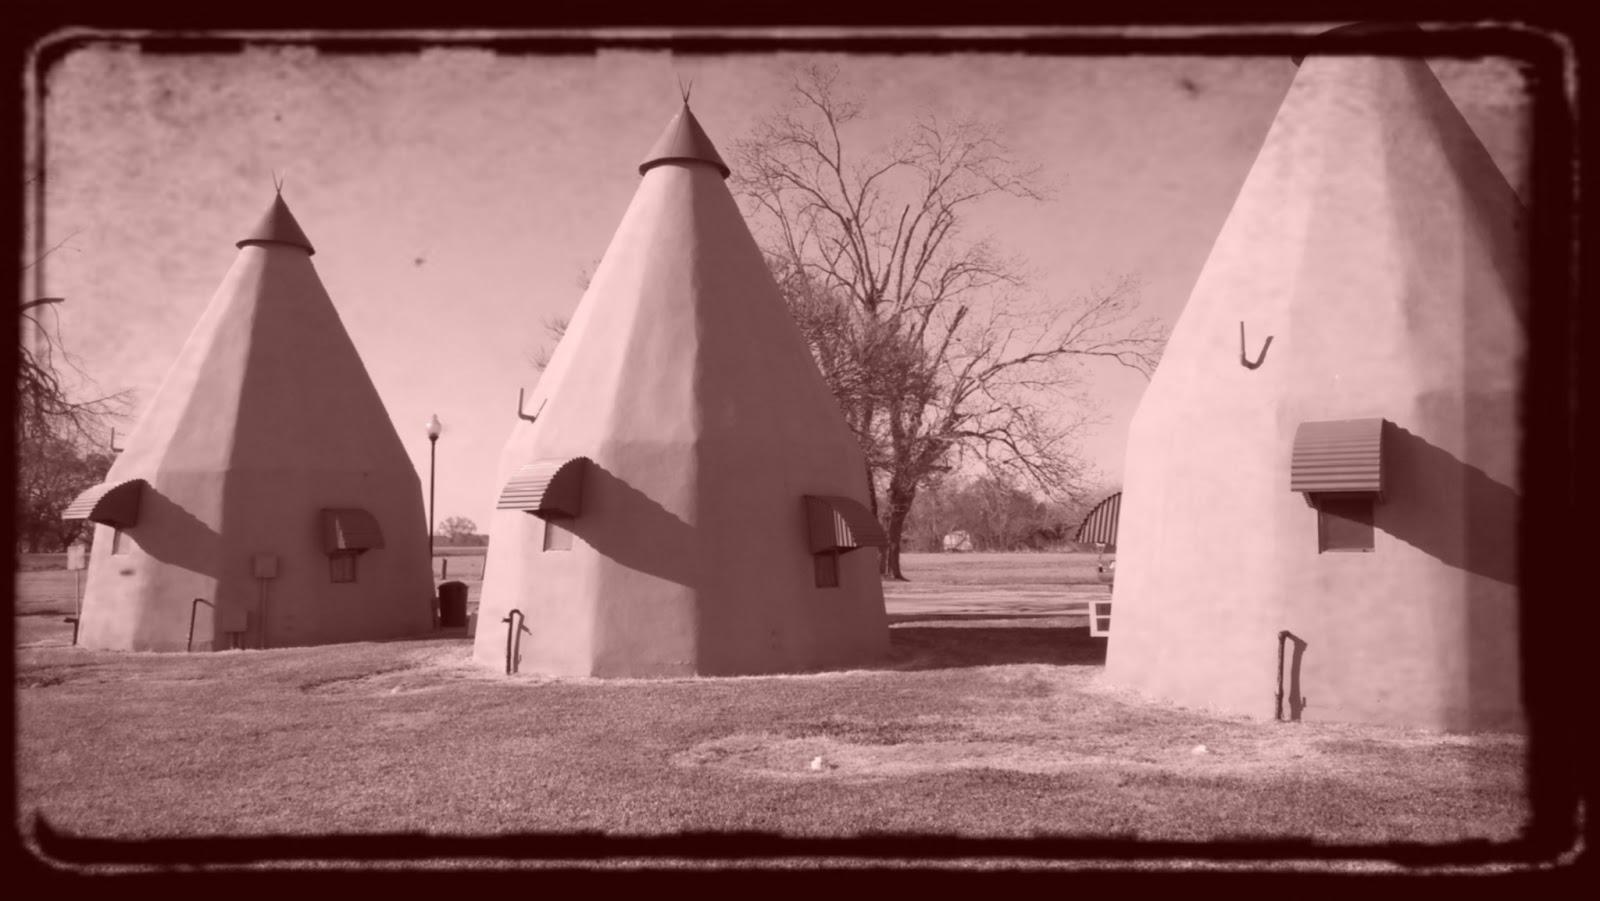 Tee Pee Motel & RV Park Wharton, TX: opiniones y